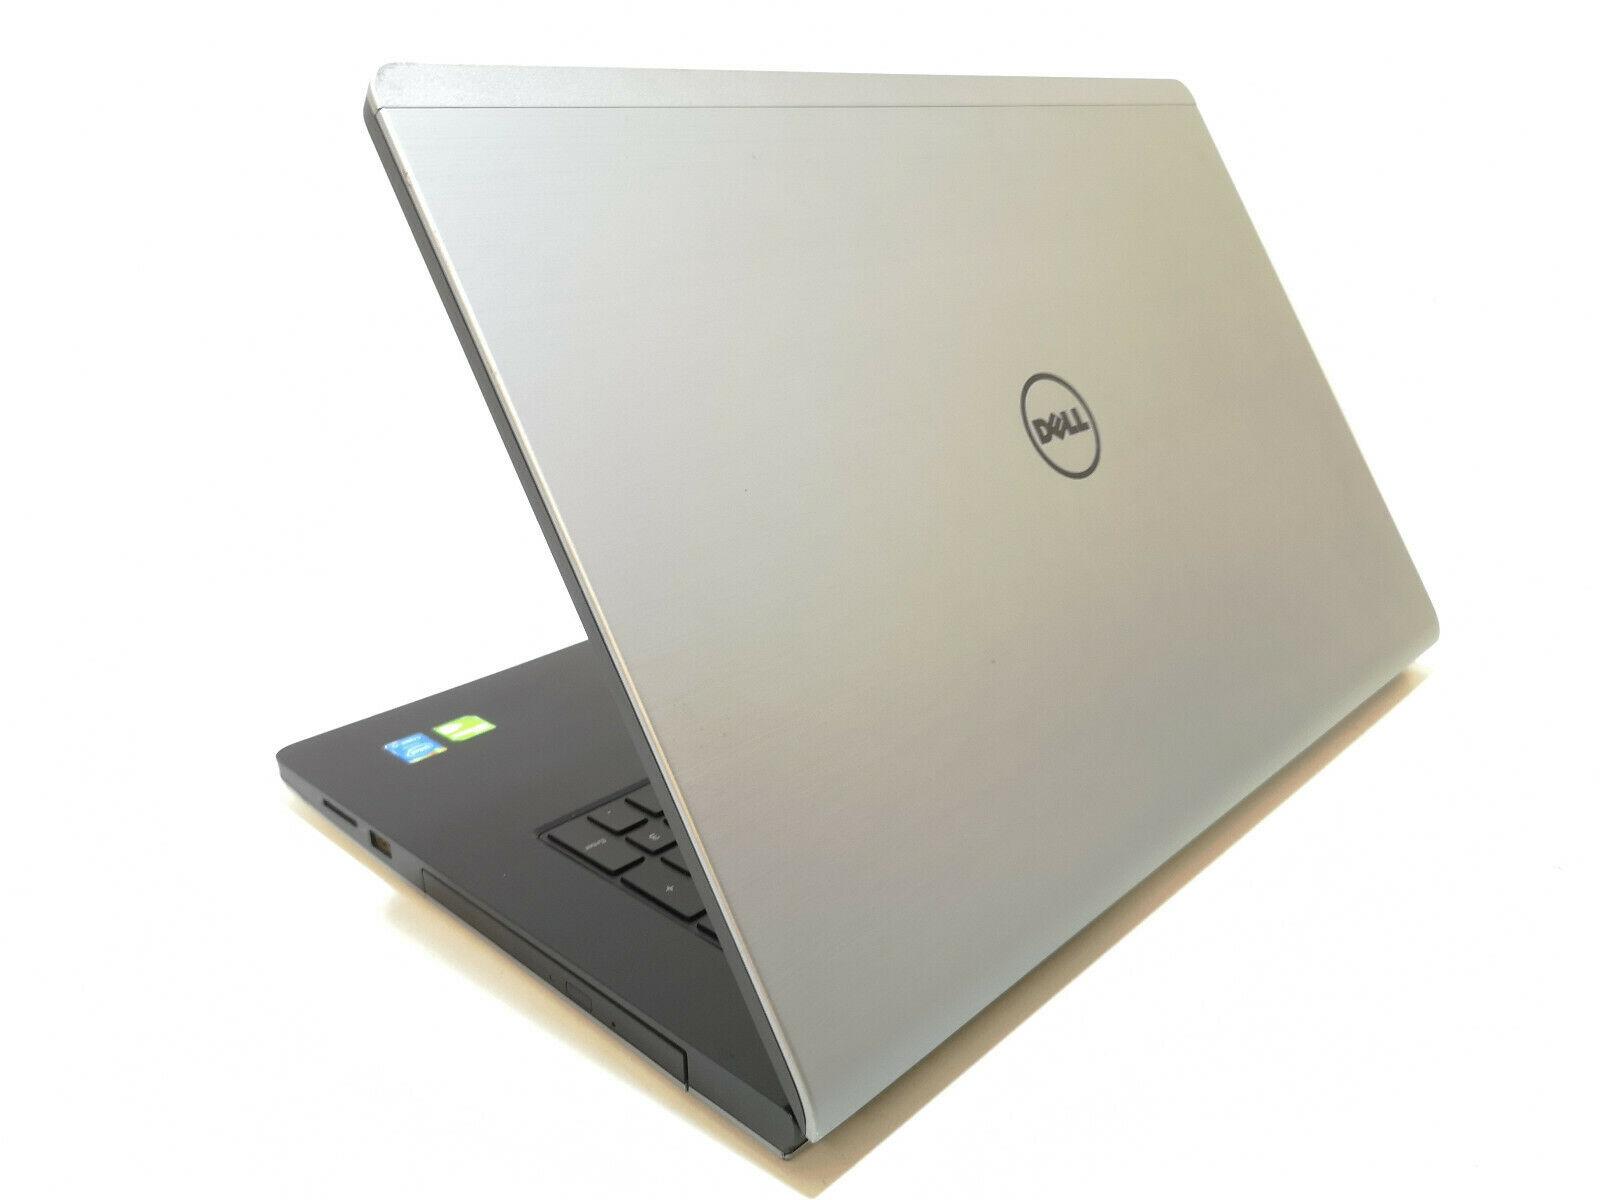 Dell Inspiron 5748 No 5